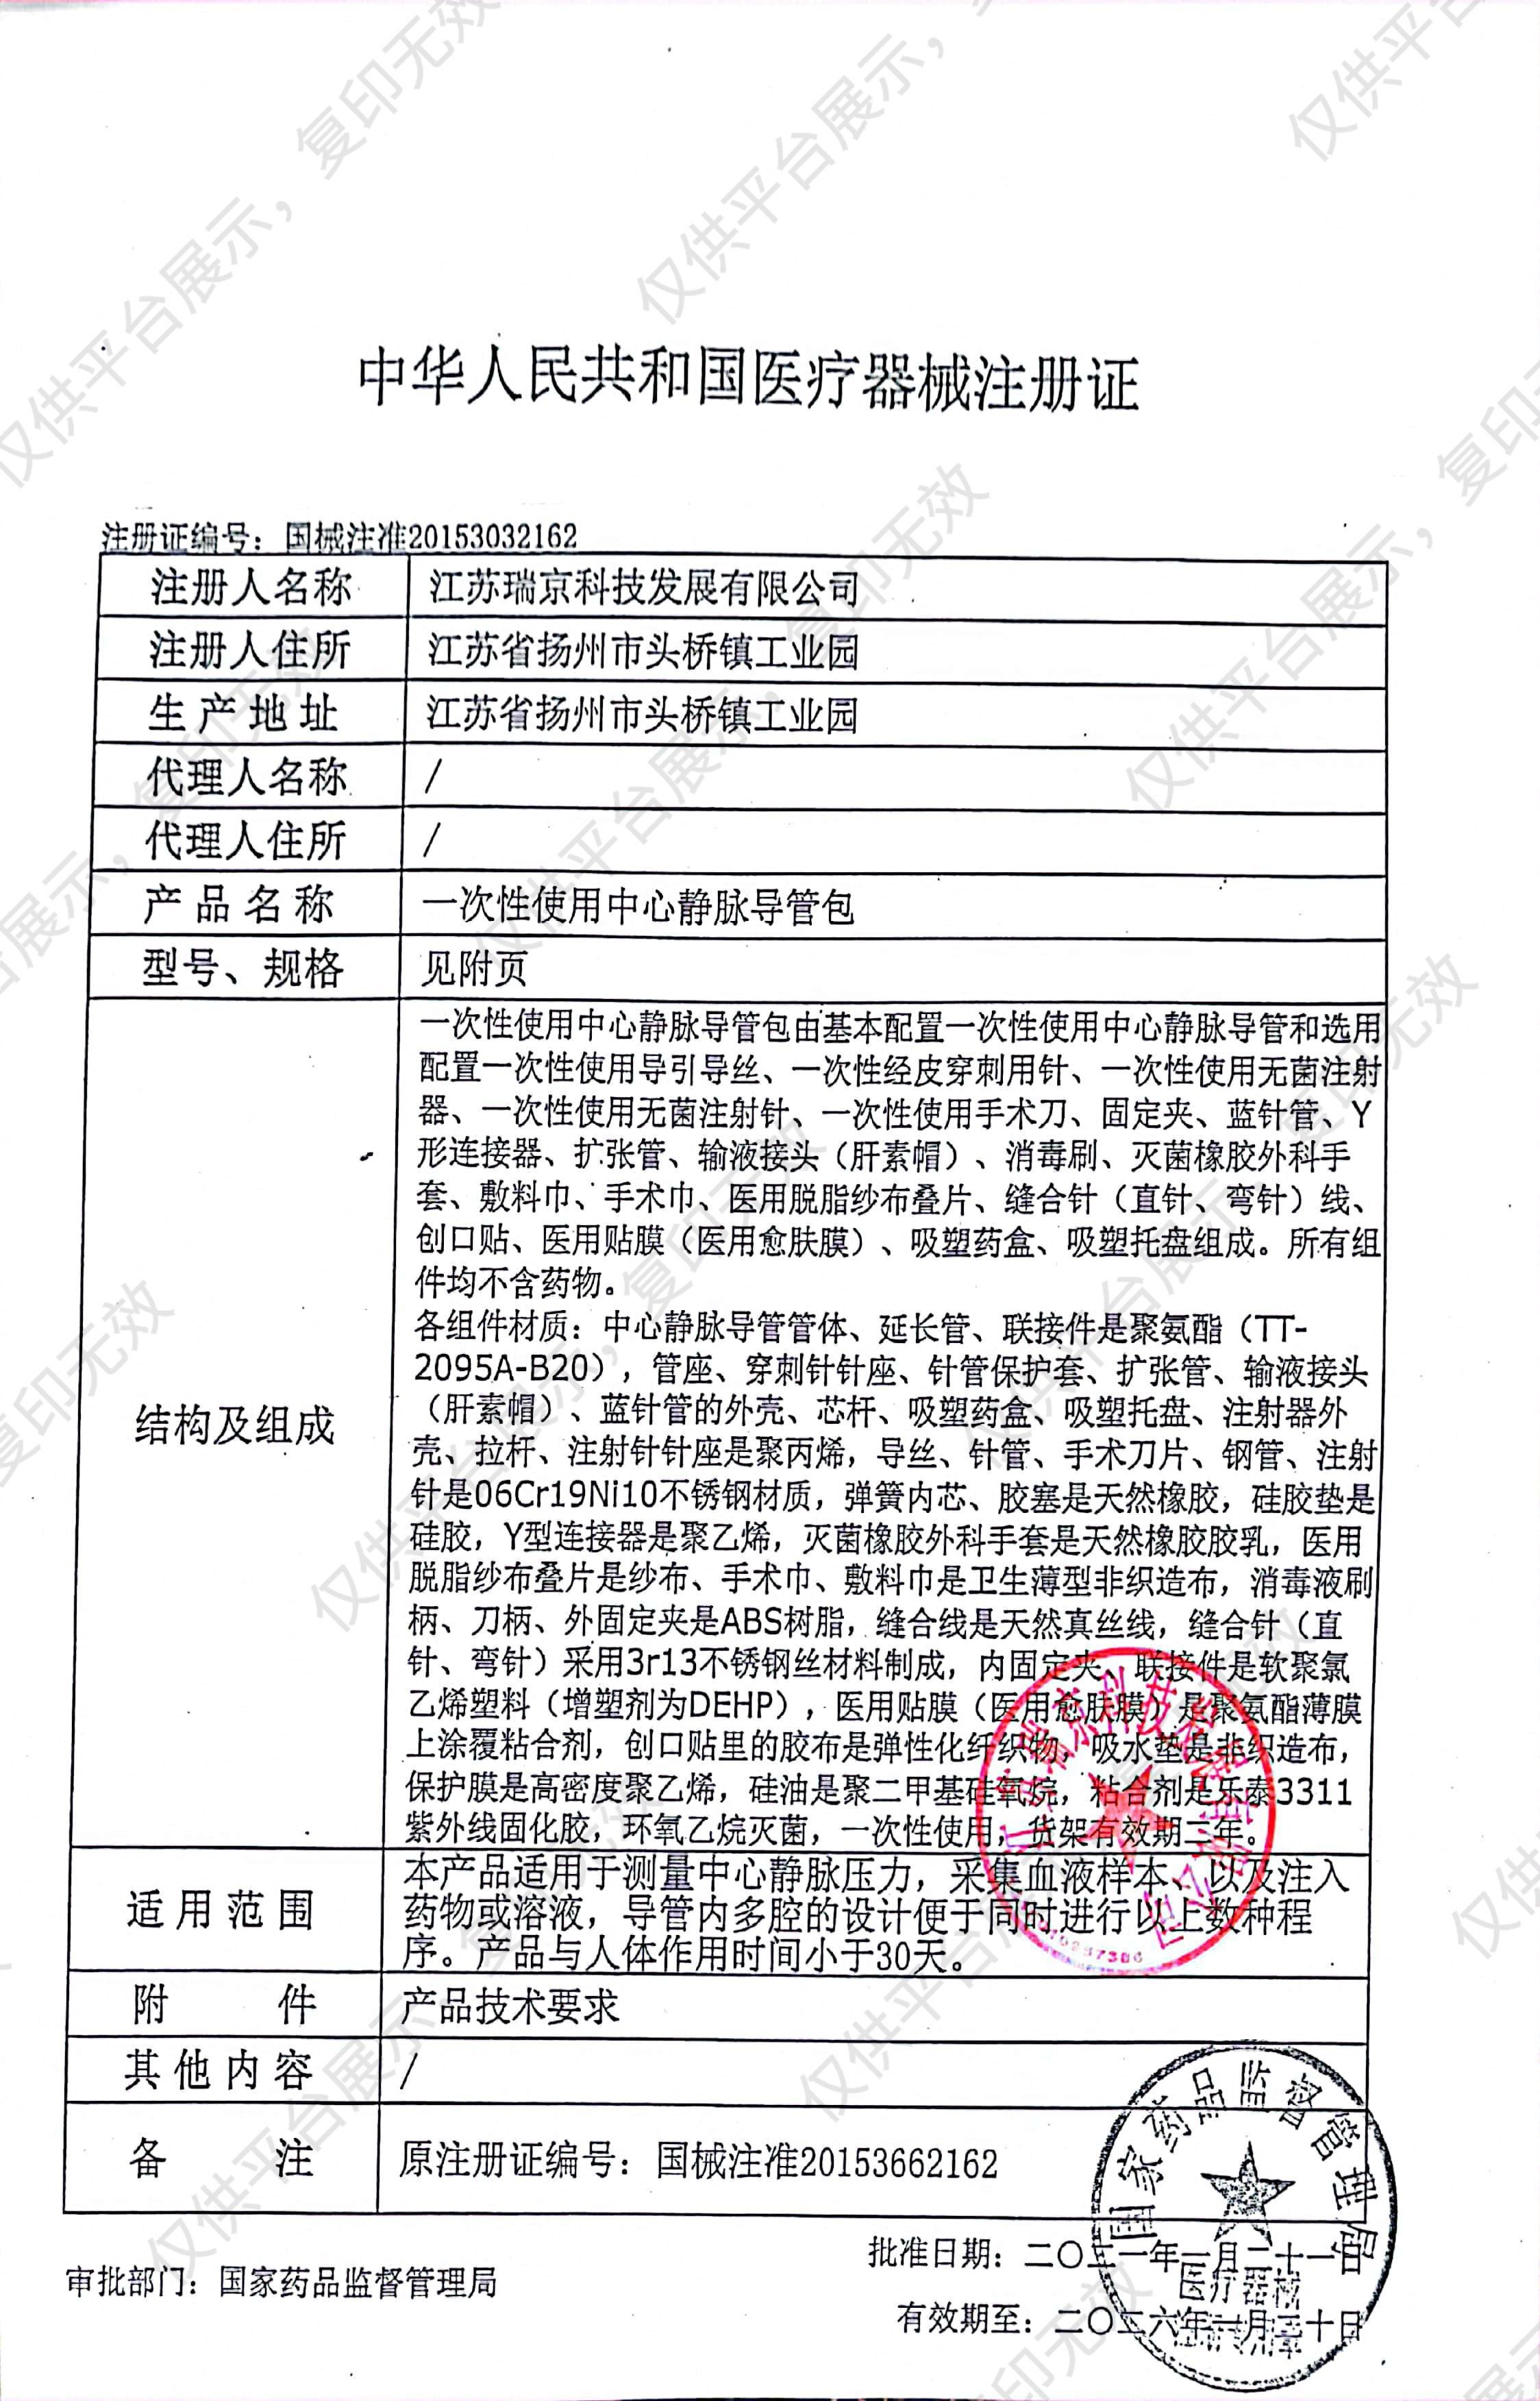 瑞京科技 一次性使用中心静脉导管包18G(20包/箱)注册证